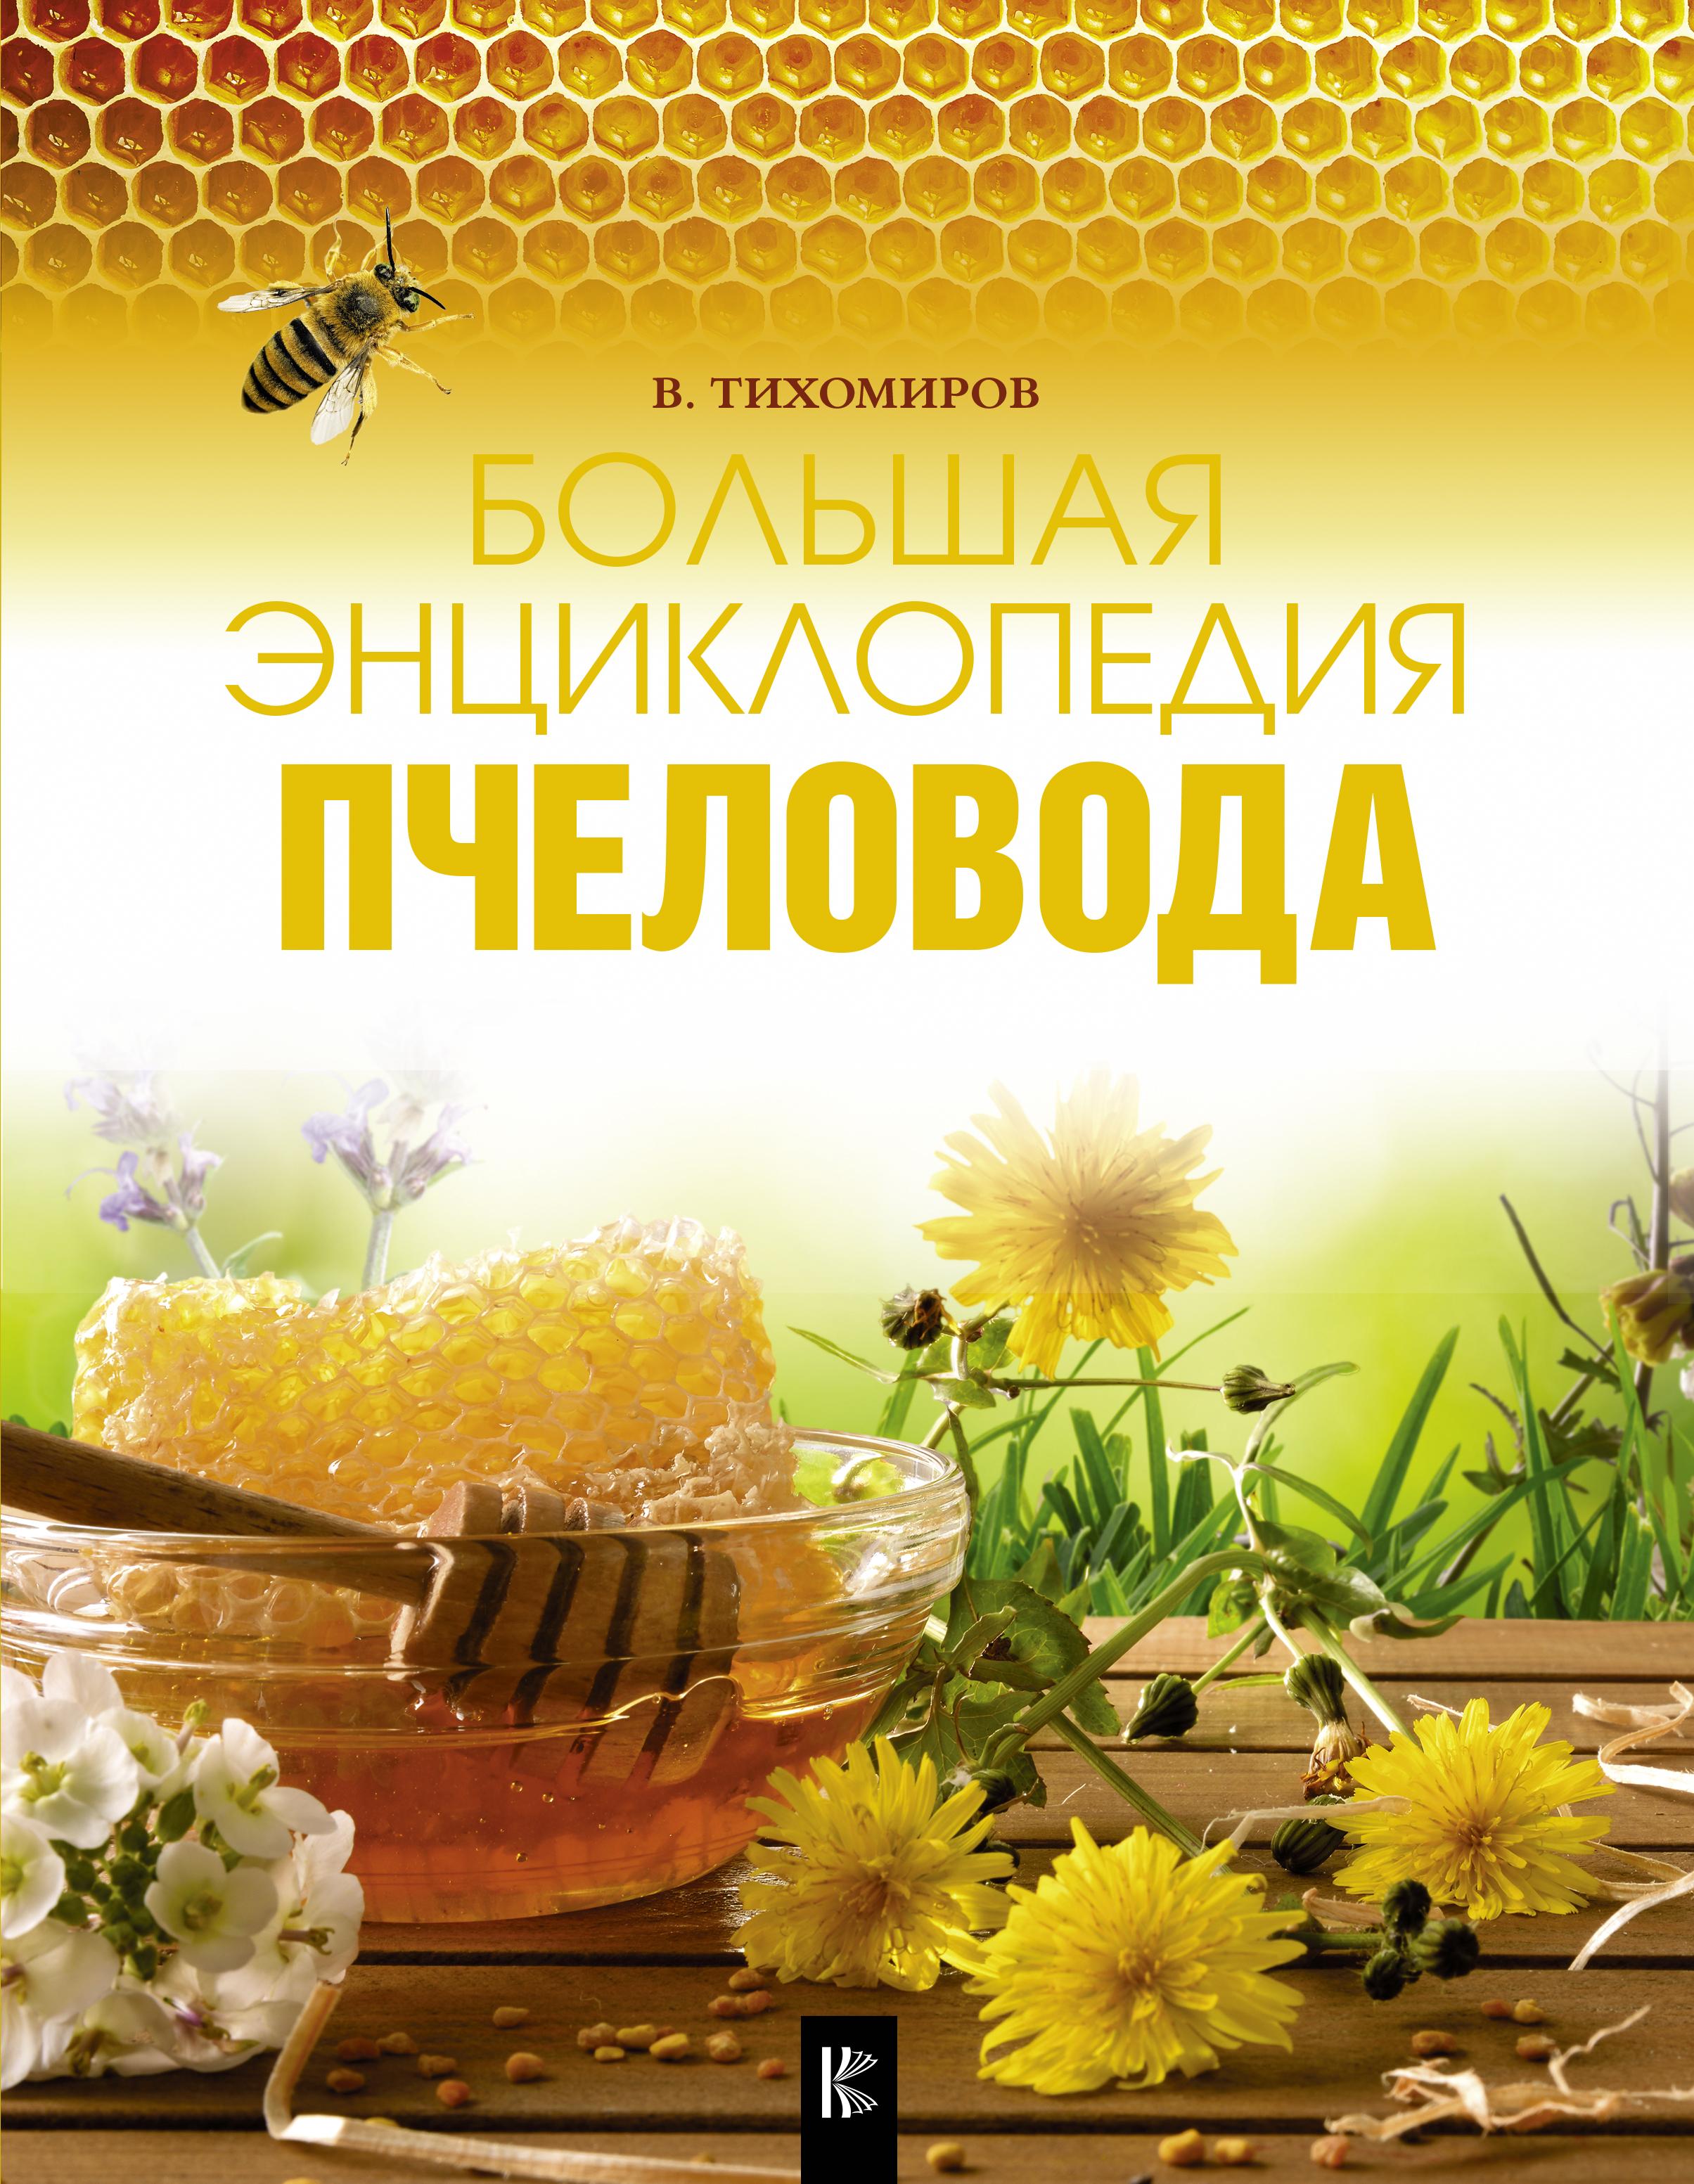 Большая энциклопедия пчеловода ( Тихомиров В.  )